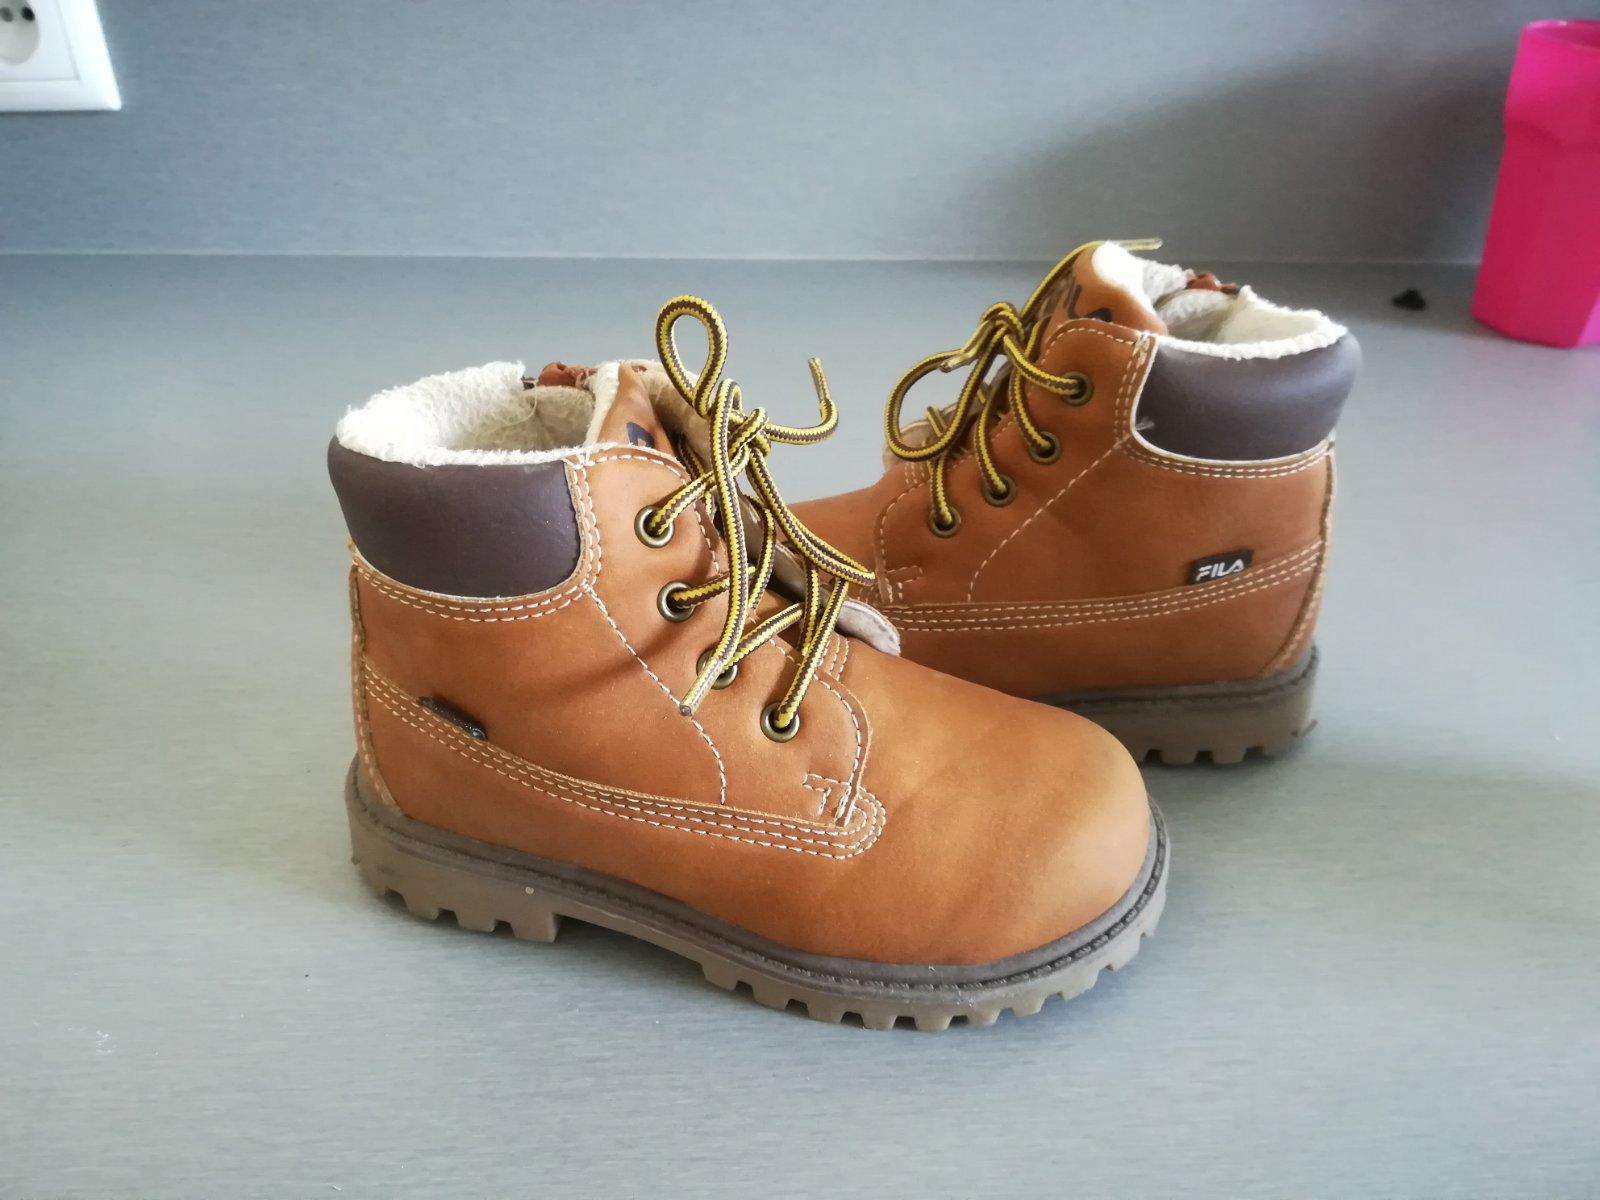 e0711c544 Fila zimné topánky, fila,25 - 13 € od predávajúcej lula87 | Detský bazár |  ModryKonik.sk